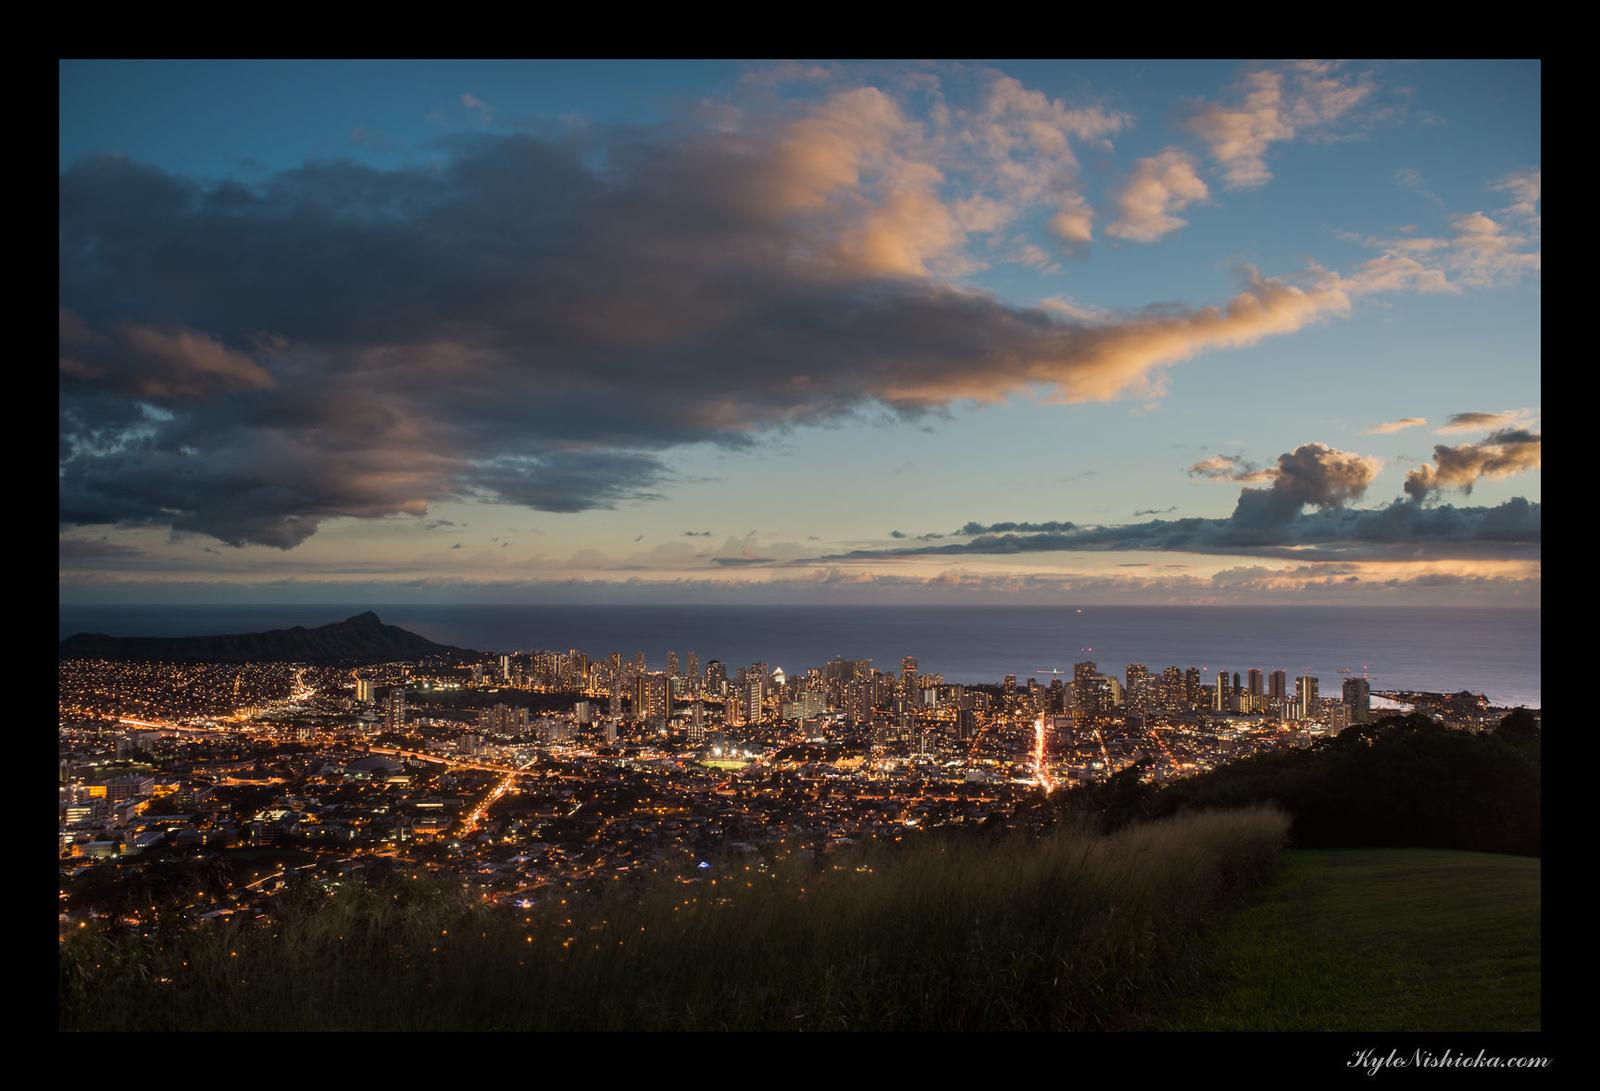 Honolulu from Pu'u Ualaka'a